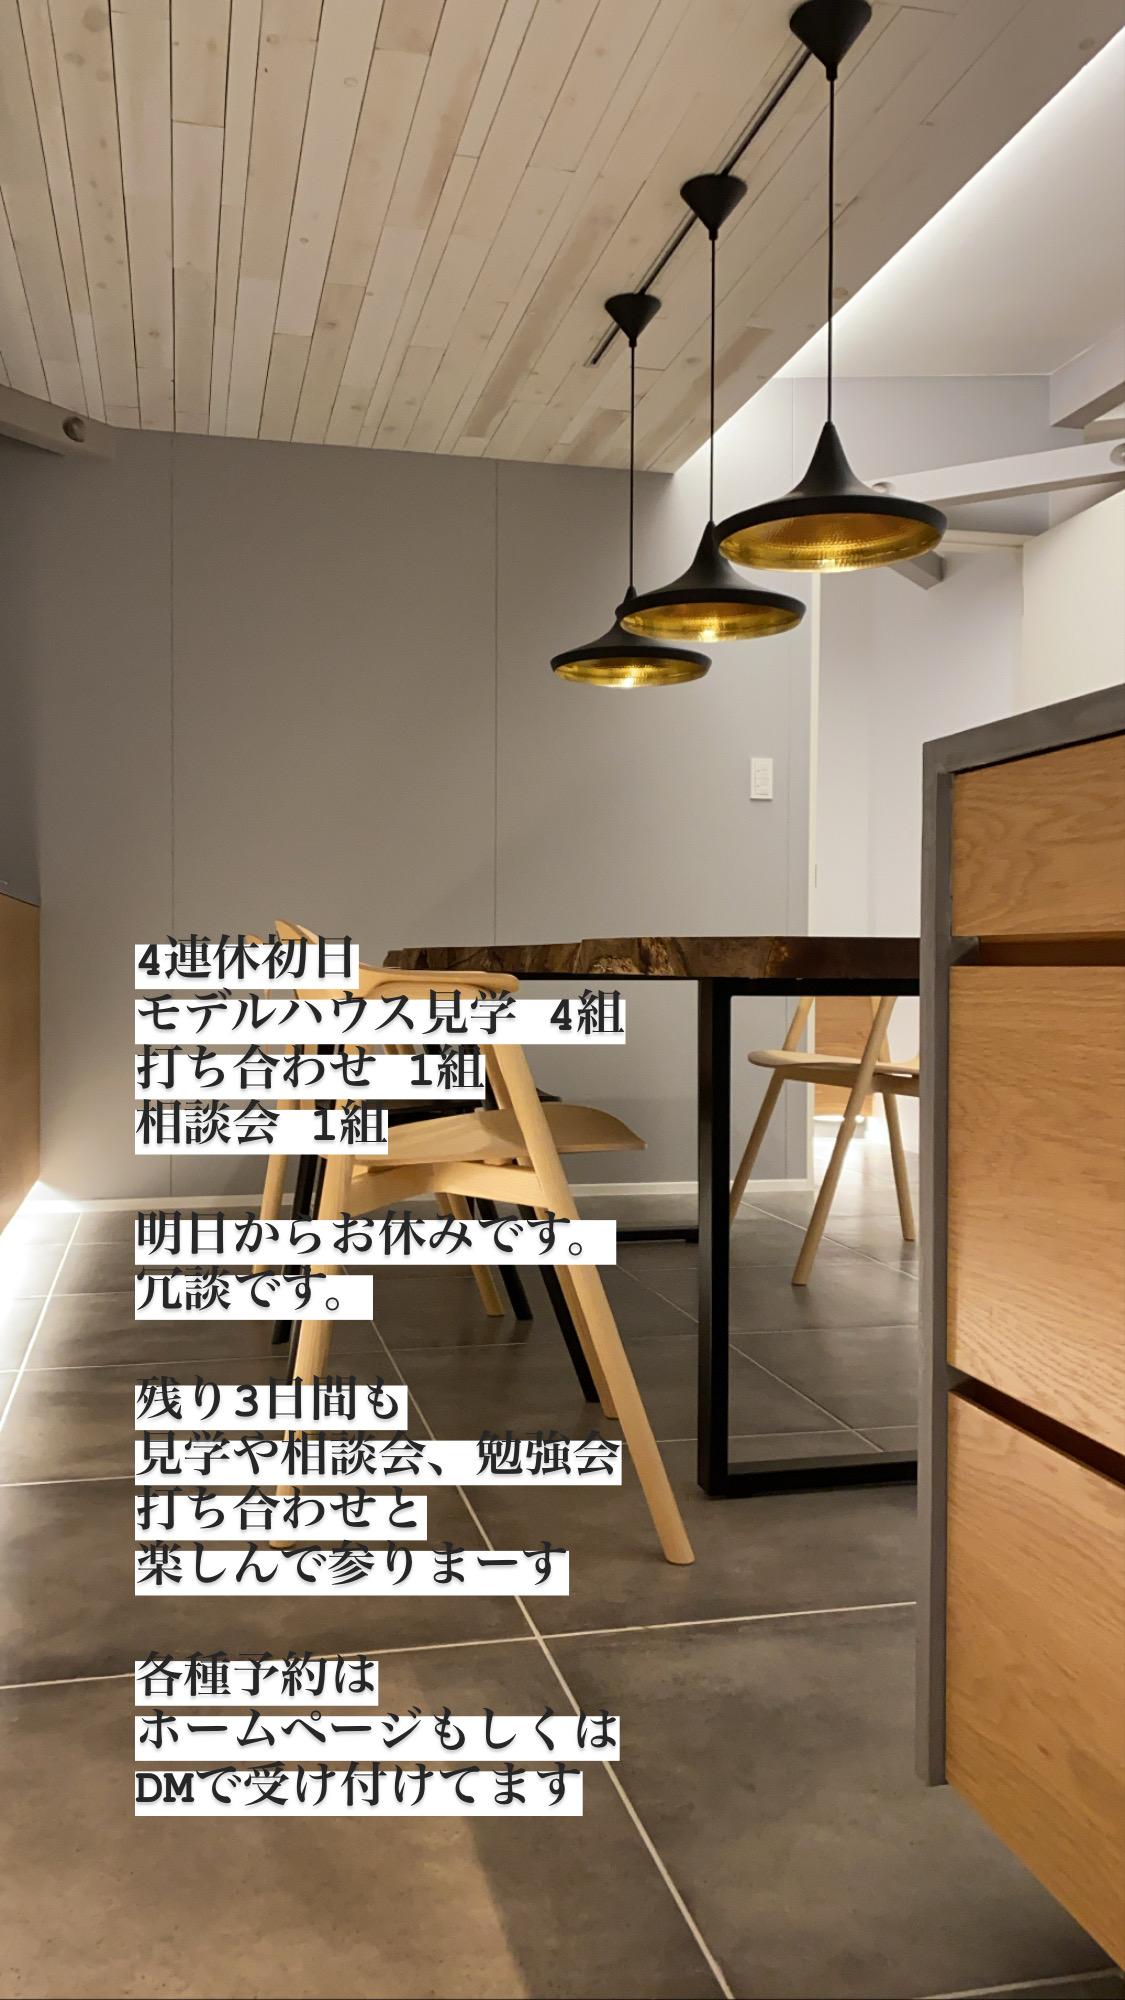 山梨県の工務店、未来建築工房とつくる注文住宅。|4連休凄かった!